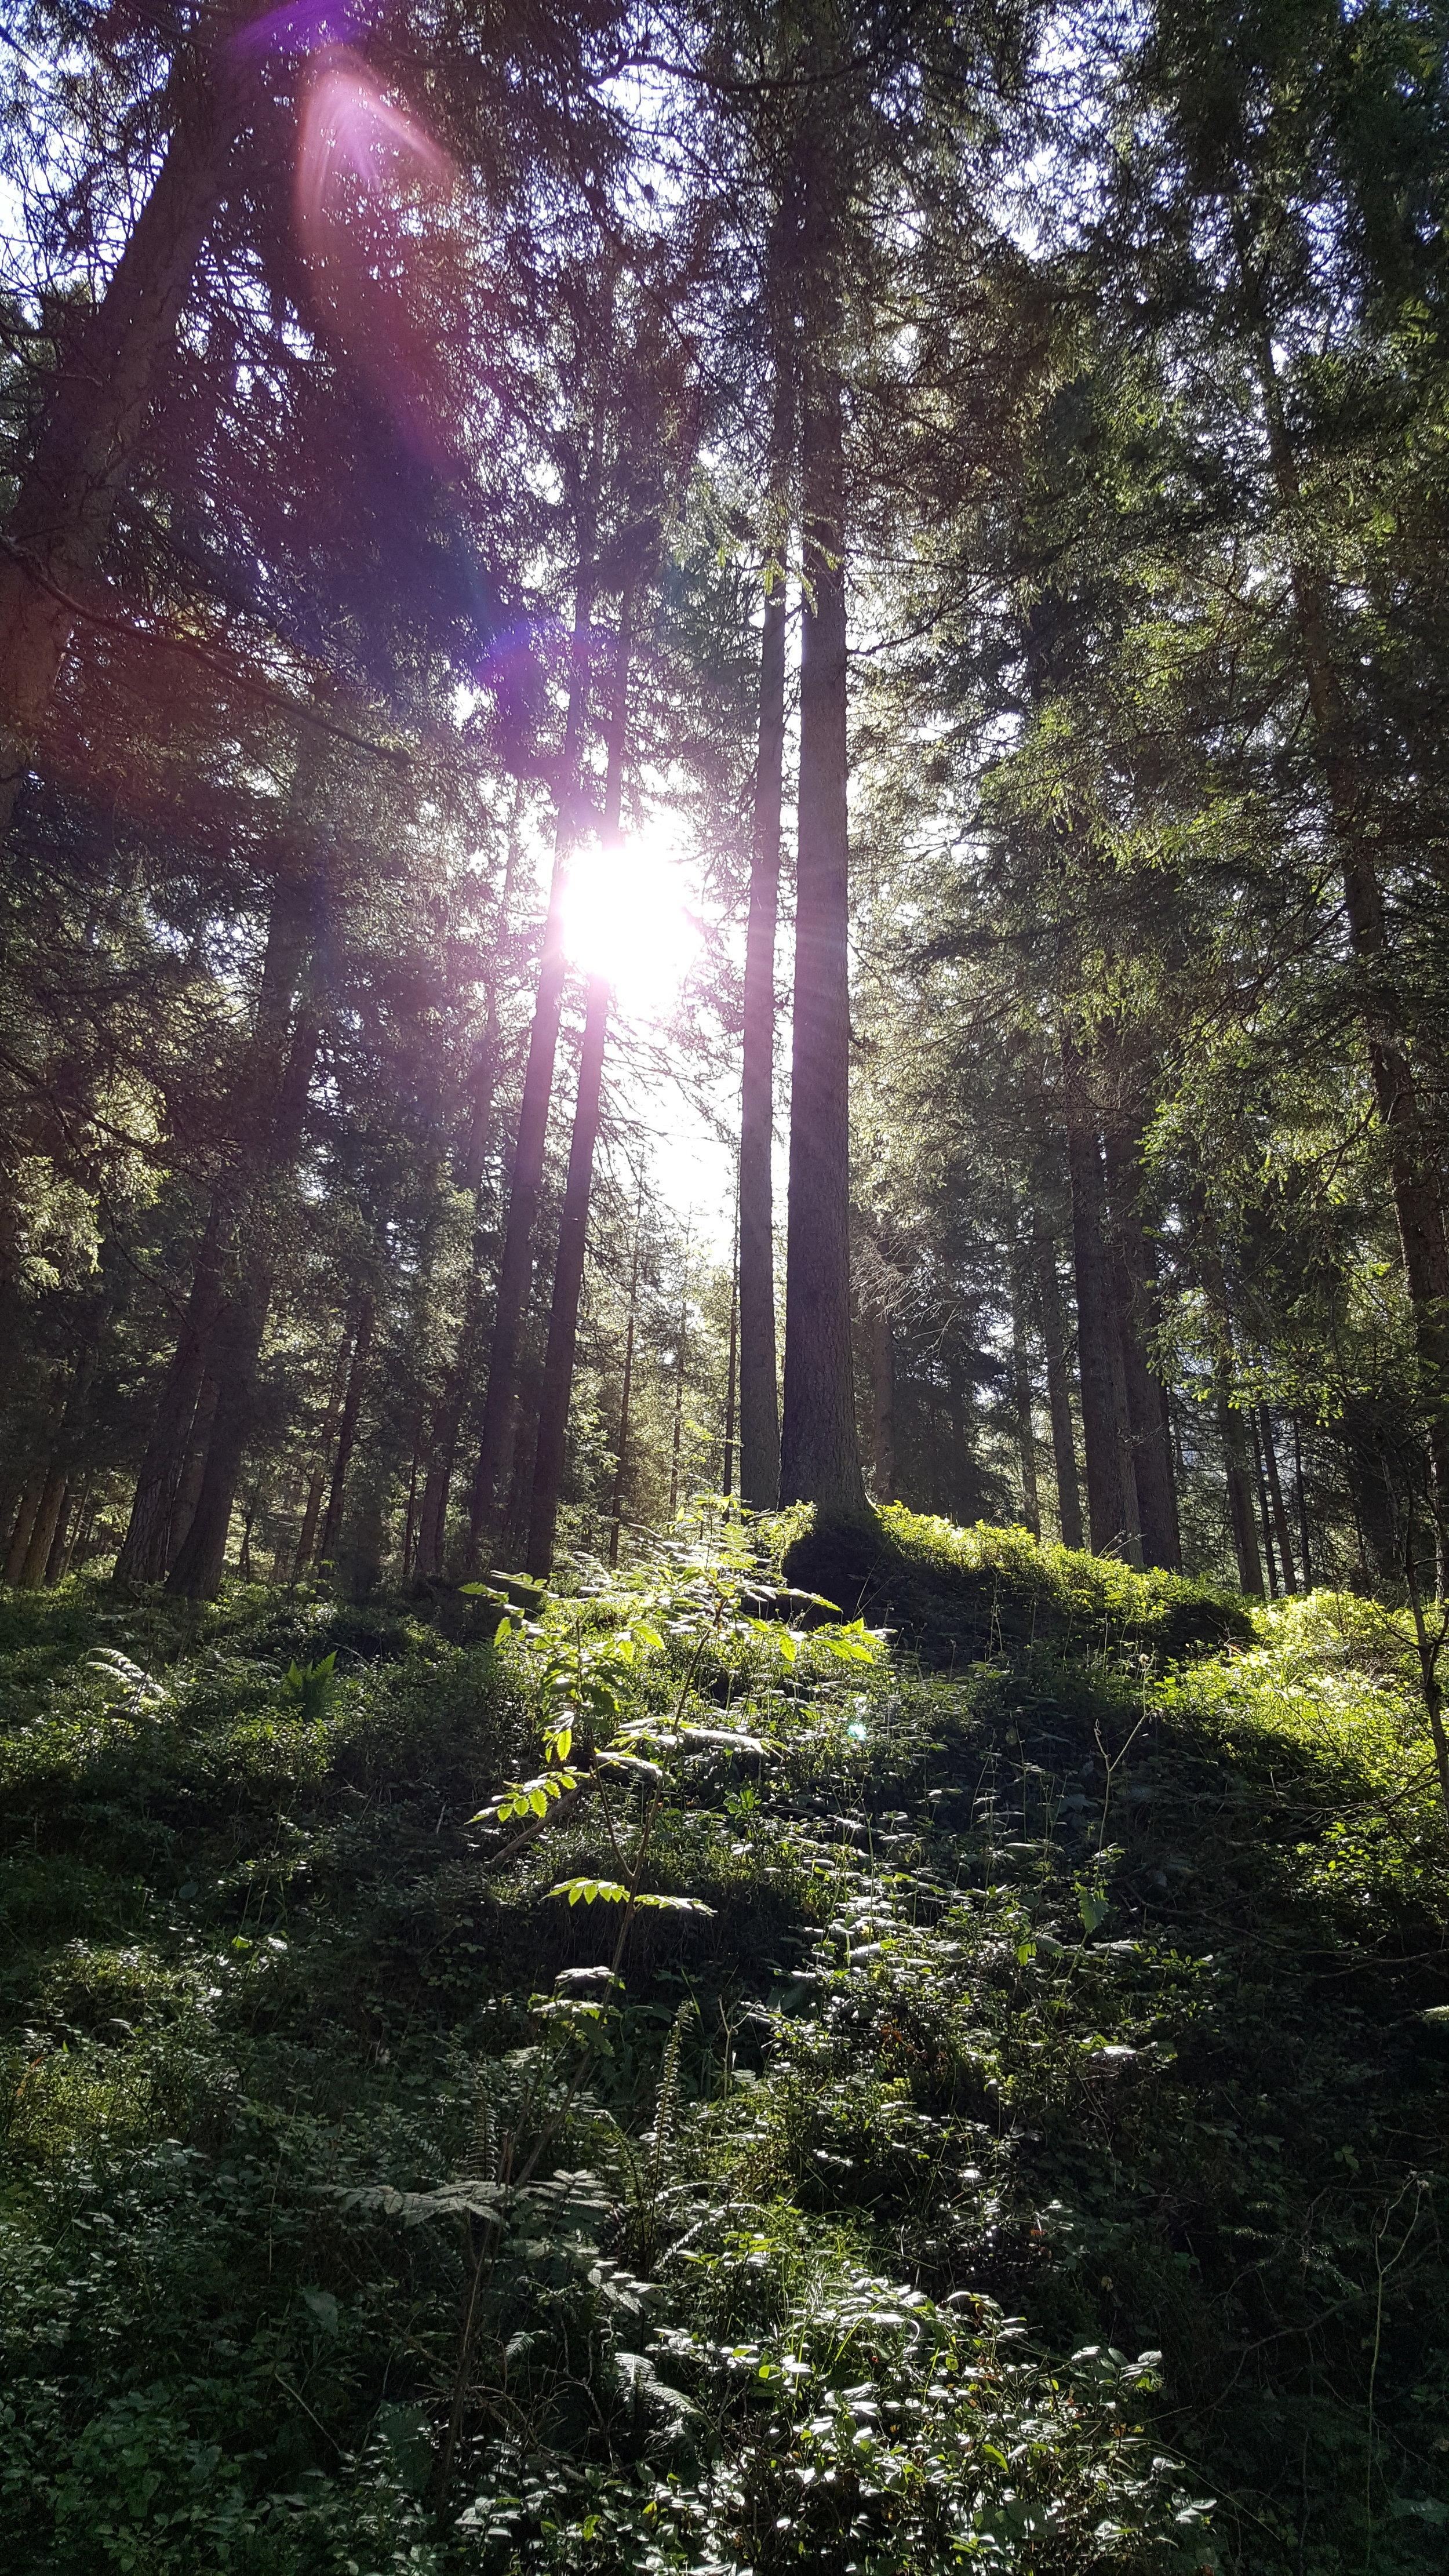 Sonne blinzelt durch die Bäume